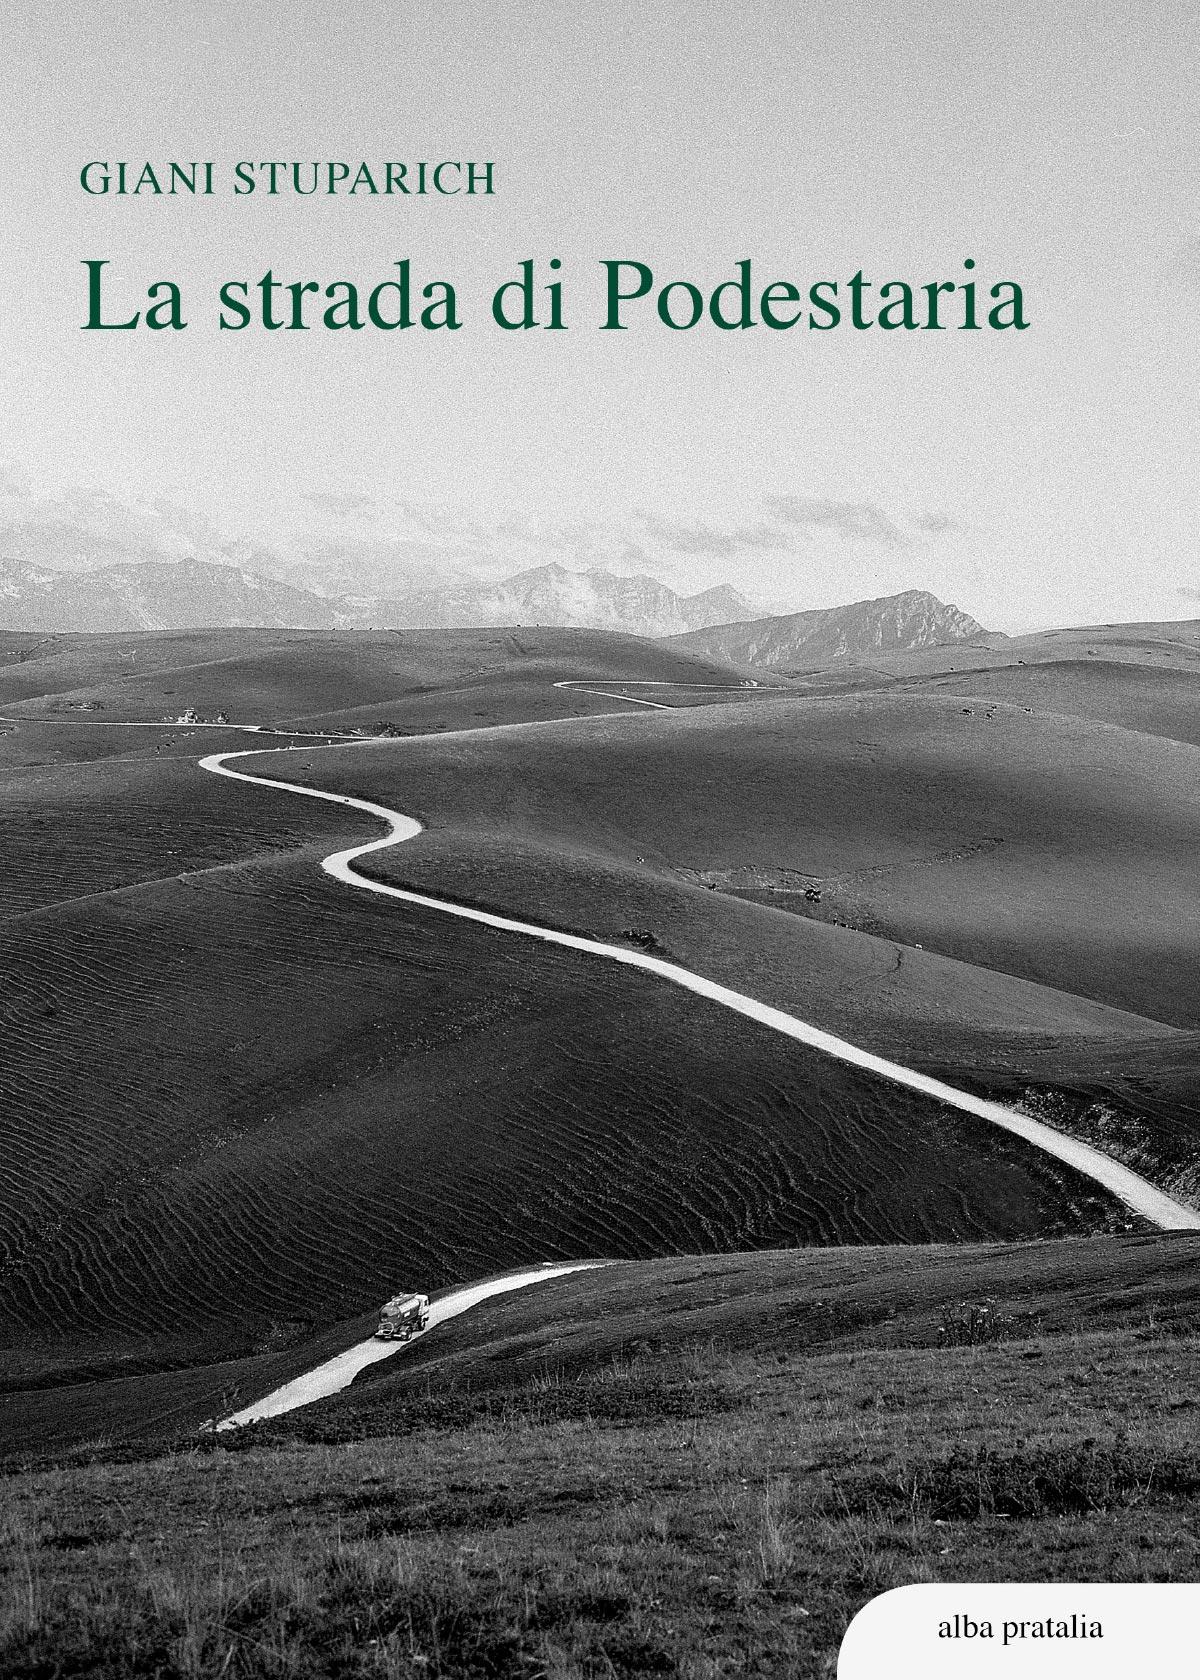 La strada di Podestaria Giani Stuparich